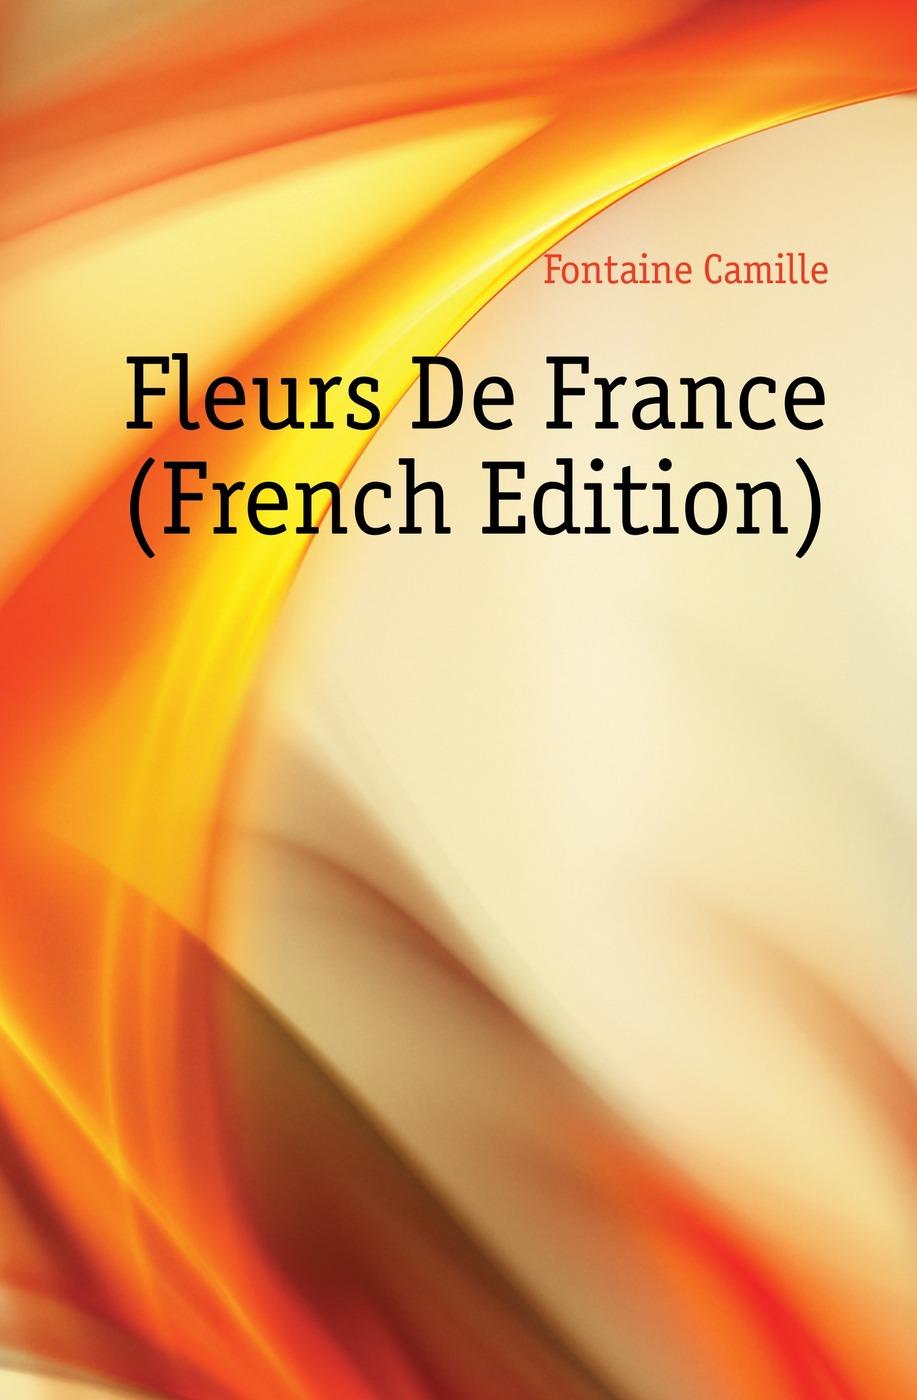 Fleurs De France (French Edition)